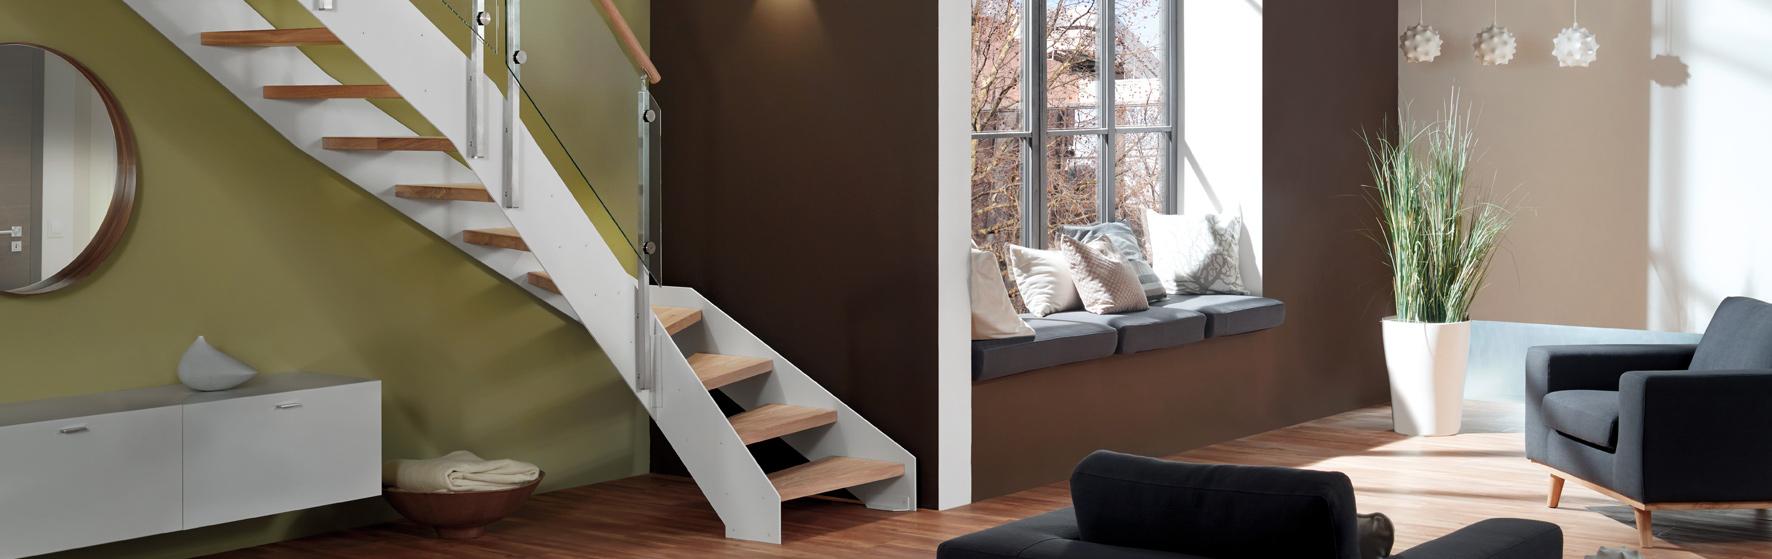 Bucher Gmbh - Bucher Treppen - Das Original